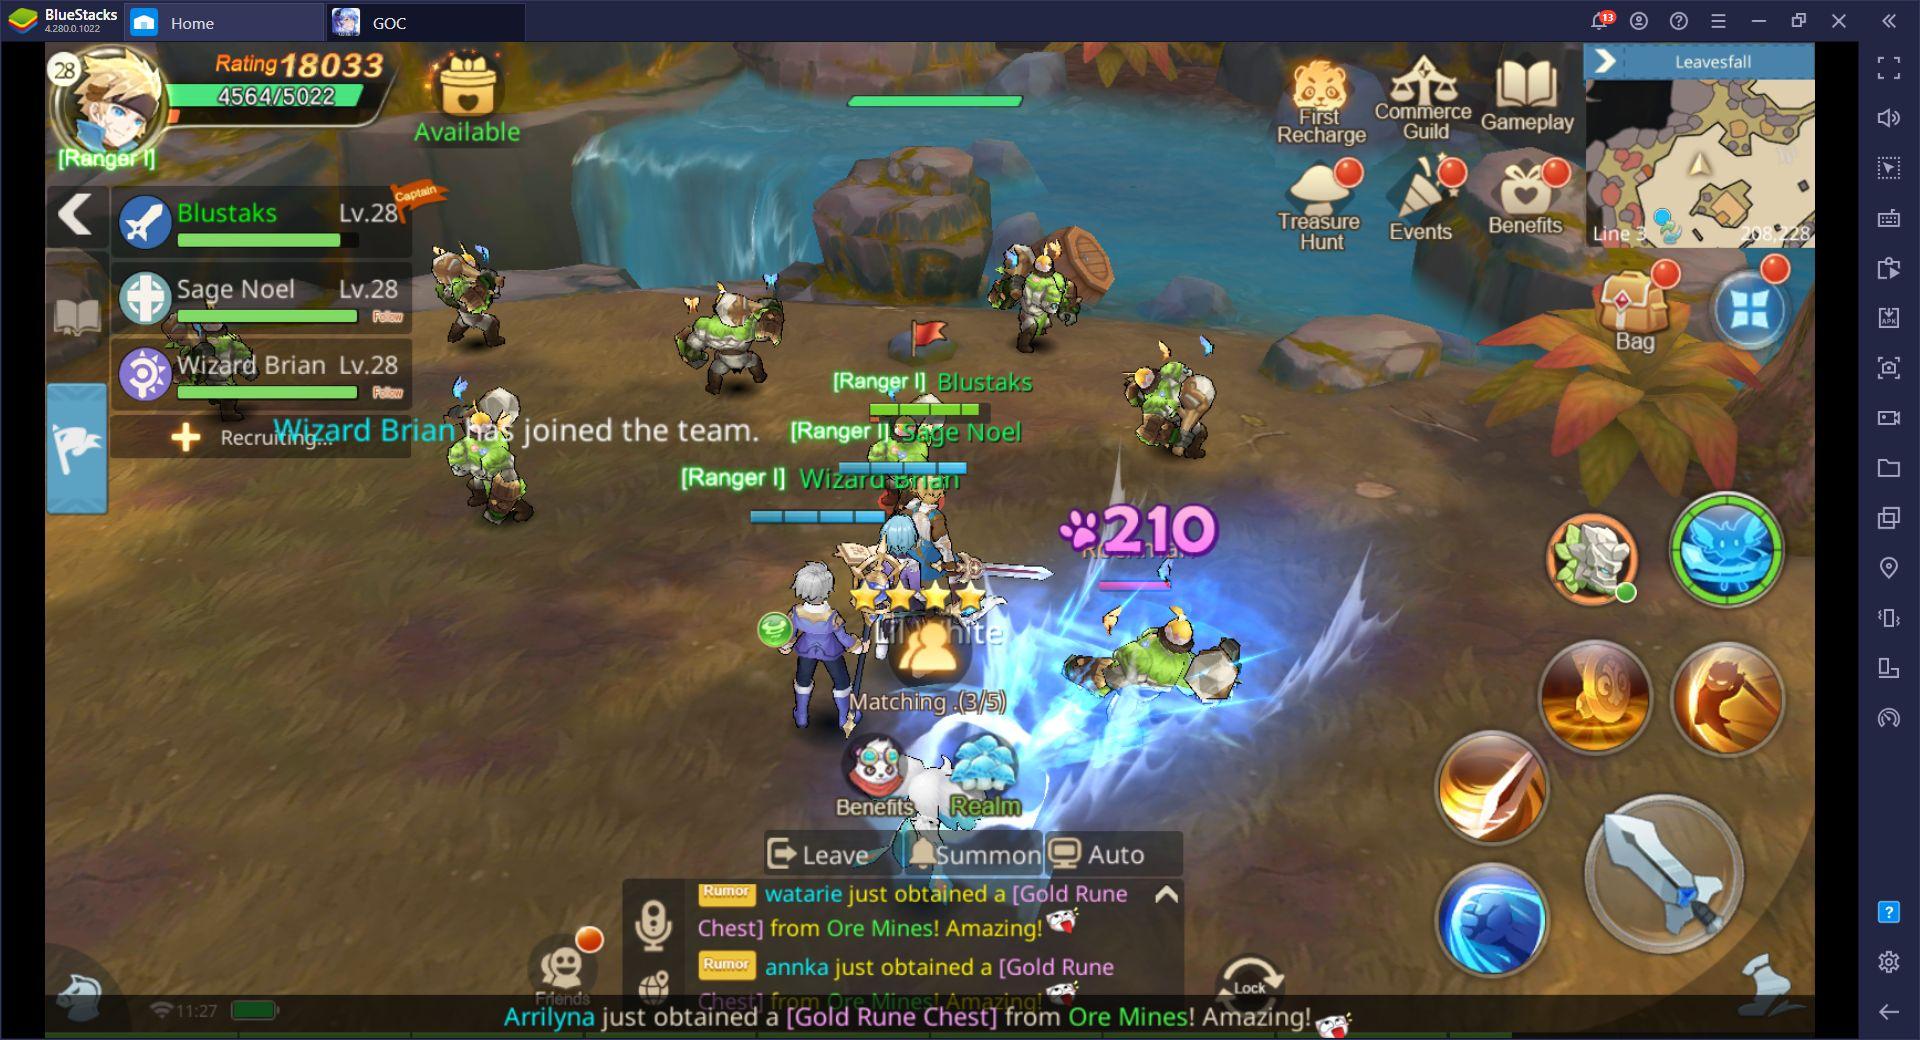 Guardians of Cloudia – Son Seviyeye İlk Ulaşan Siz Olun